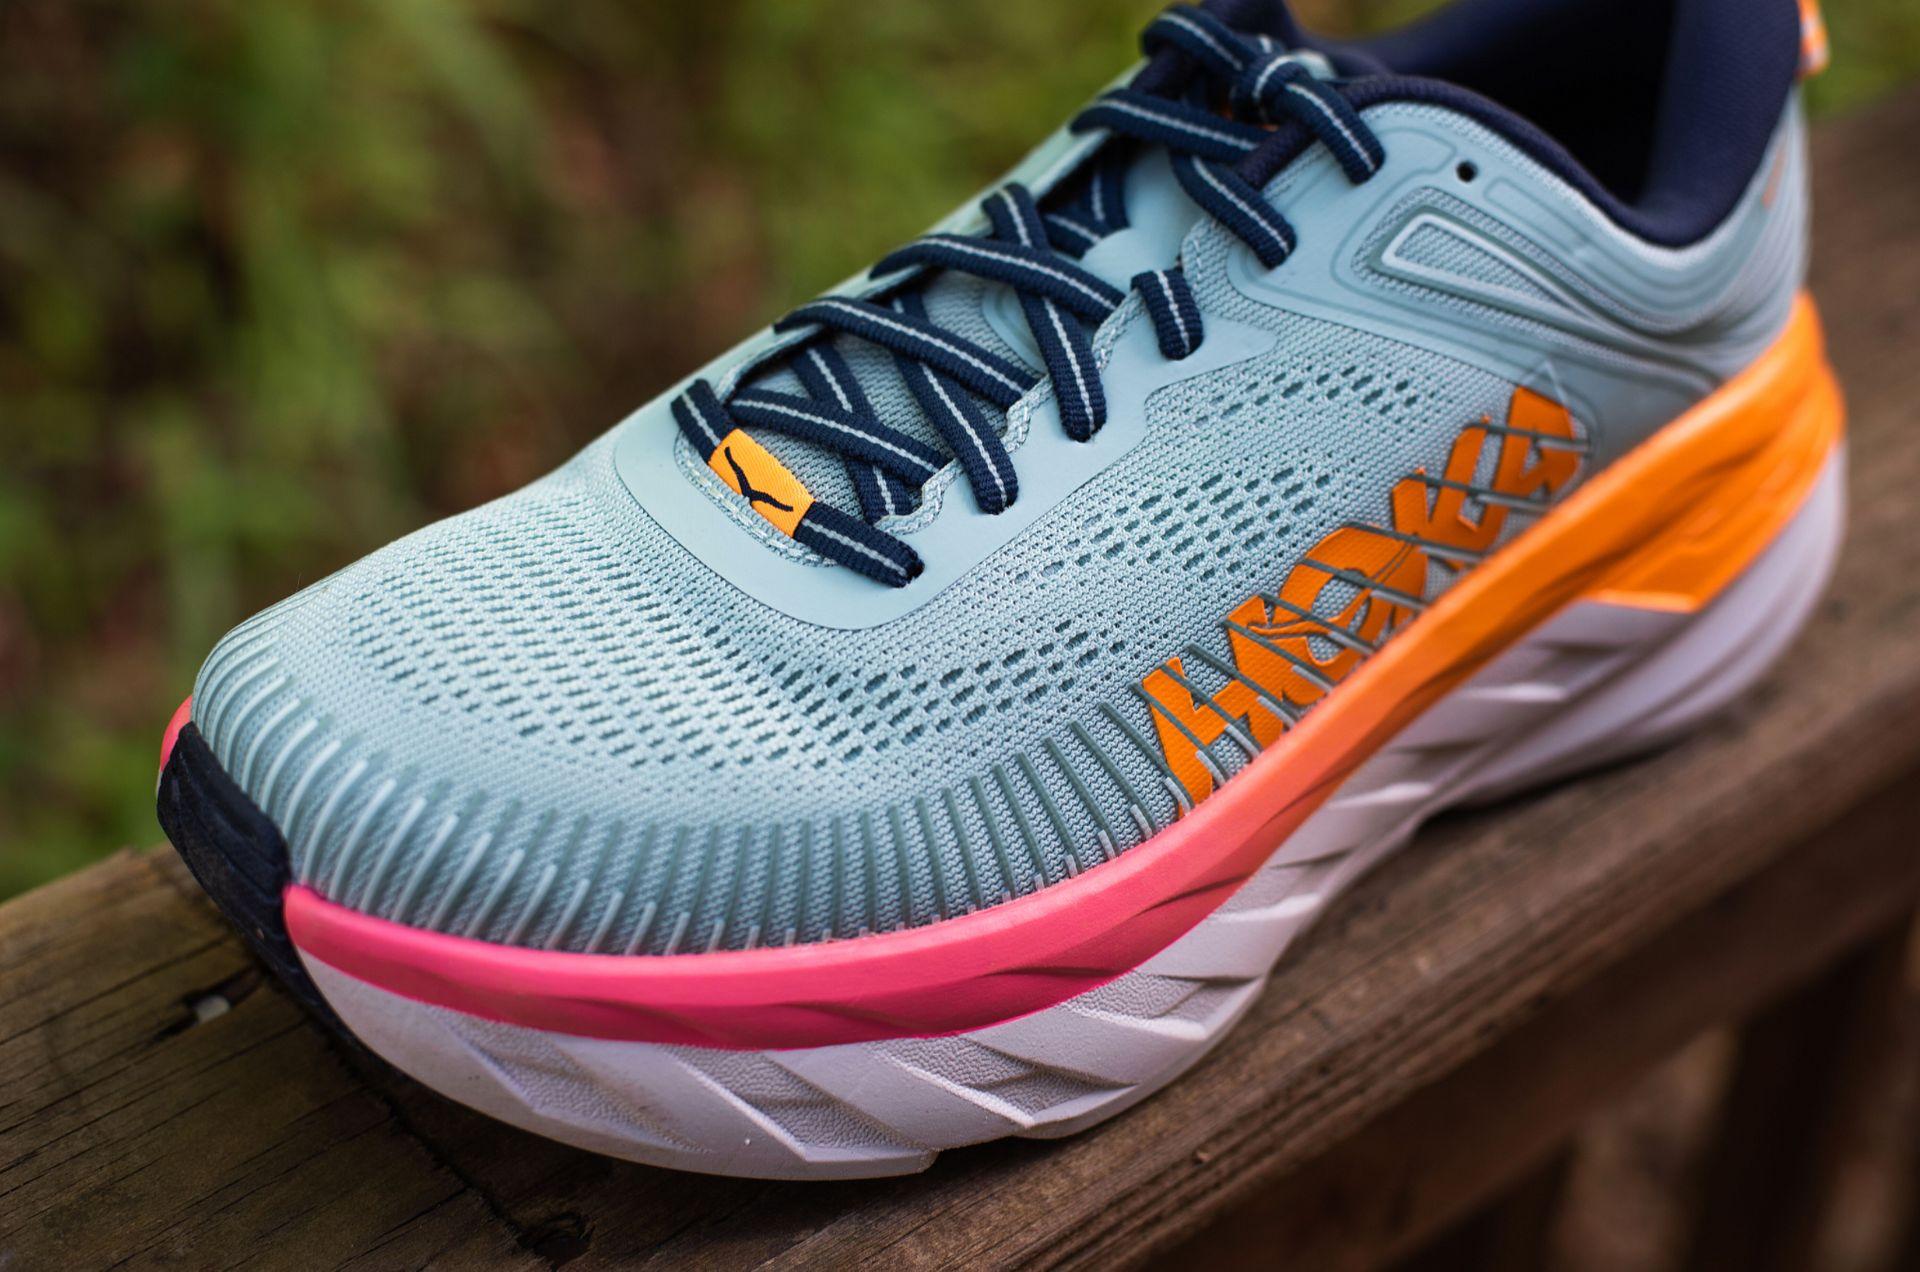 Best HOKA Running Shoes 2020 | Buyer's